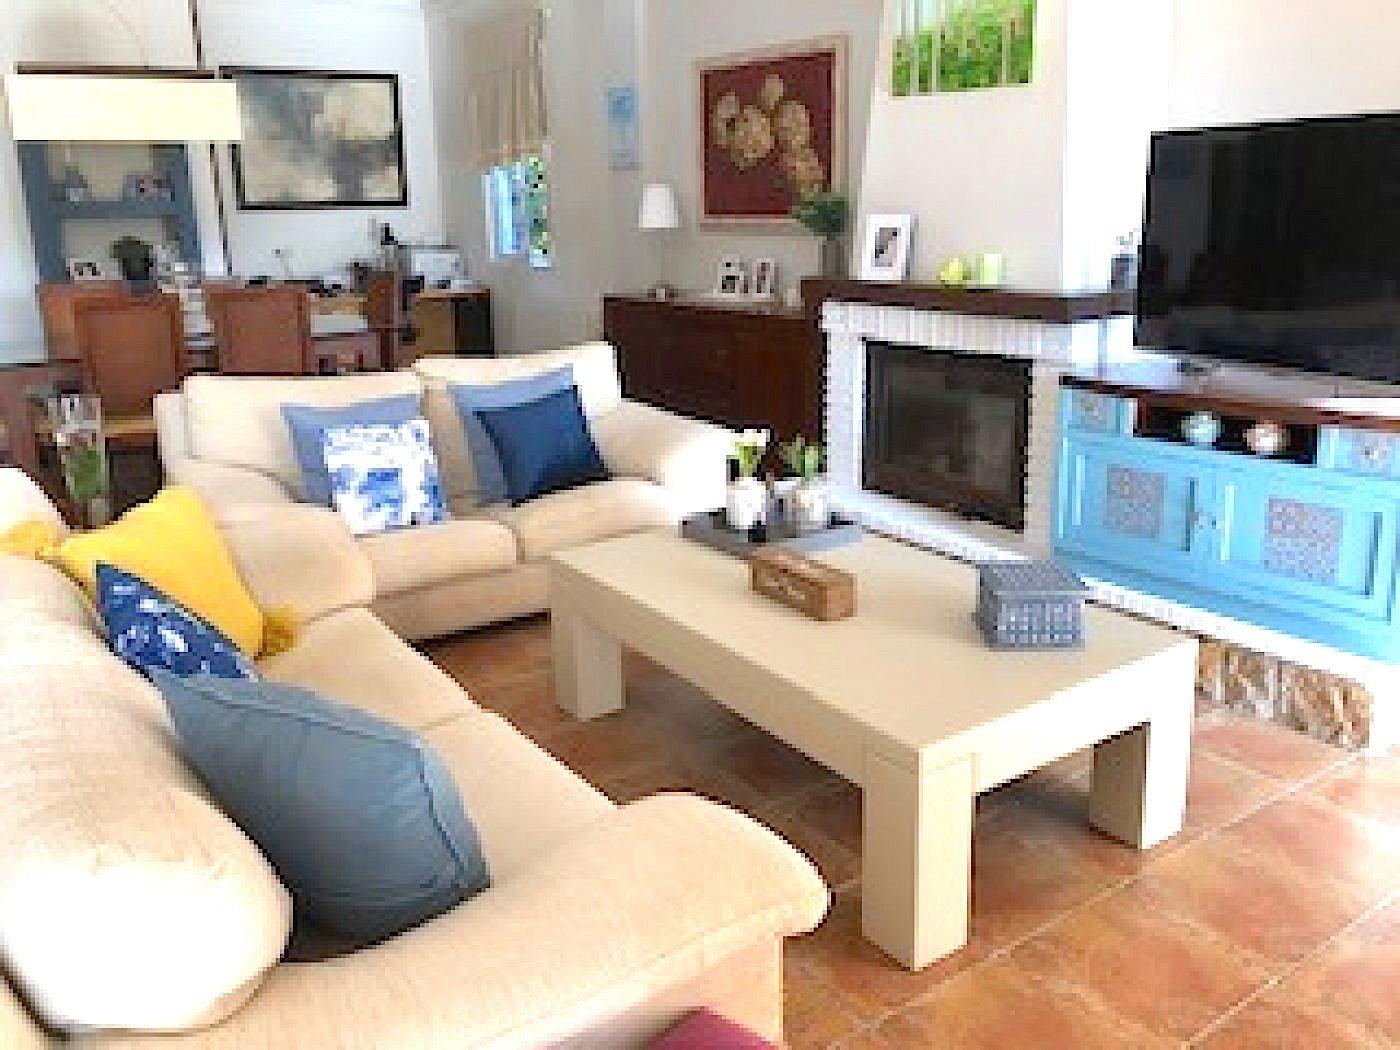 Fanta?stica casa en playa de venecia. zona sur de la playa de gandia, proyectos de futuro - imagenInmueble3